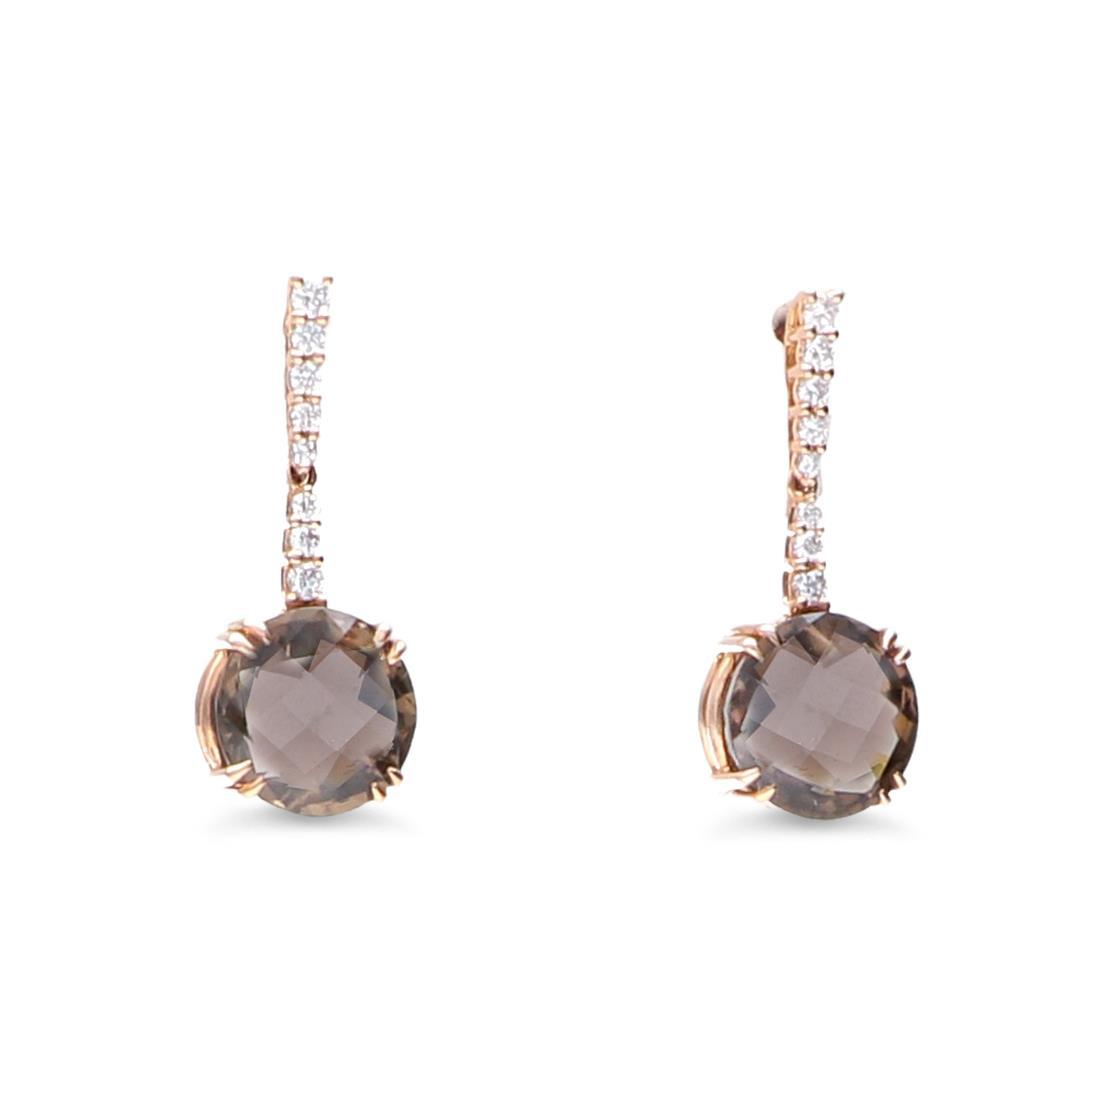 Orecchini con diamanti e quarzo fumè - ALFIERI & ST. JOHN